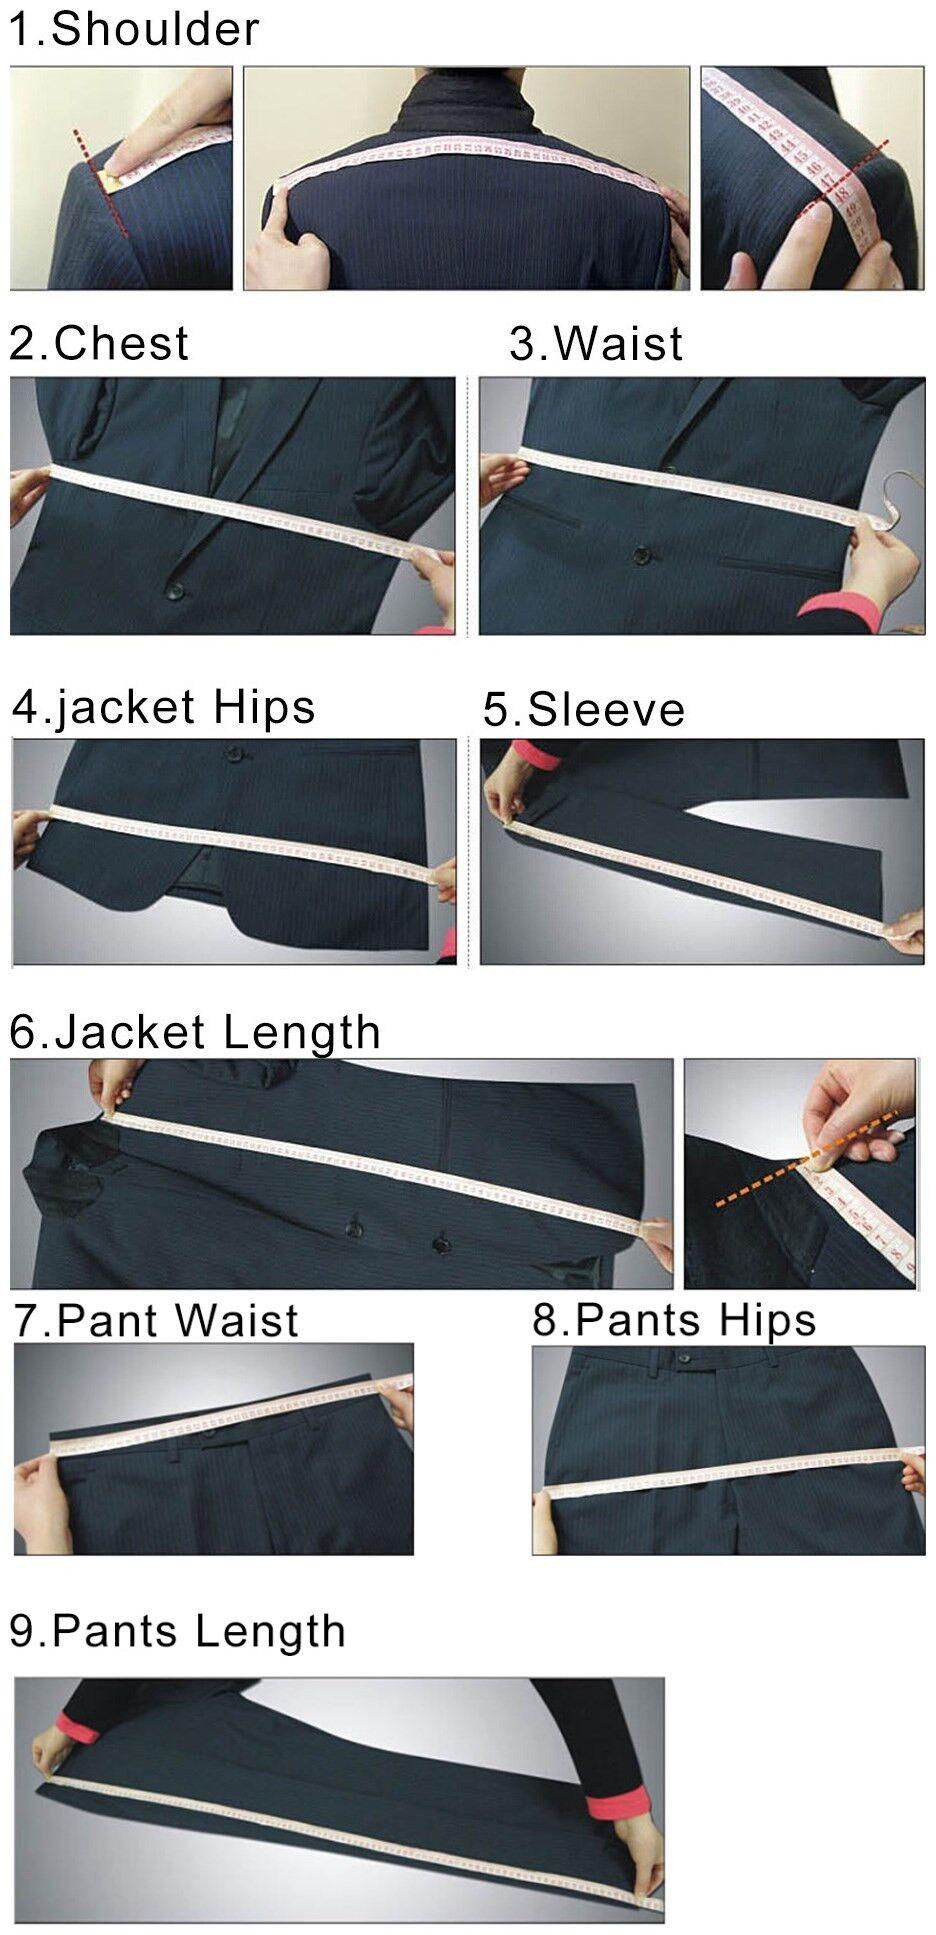 Trajes de hombres grises formales a medida para negocios Slim Fit Novios Esmoquin Gentle Men Blazers Guapos padrinos de boda Traje 2 piezas Chaqueta + Pantalones